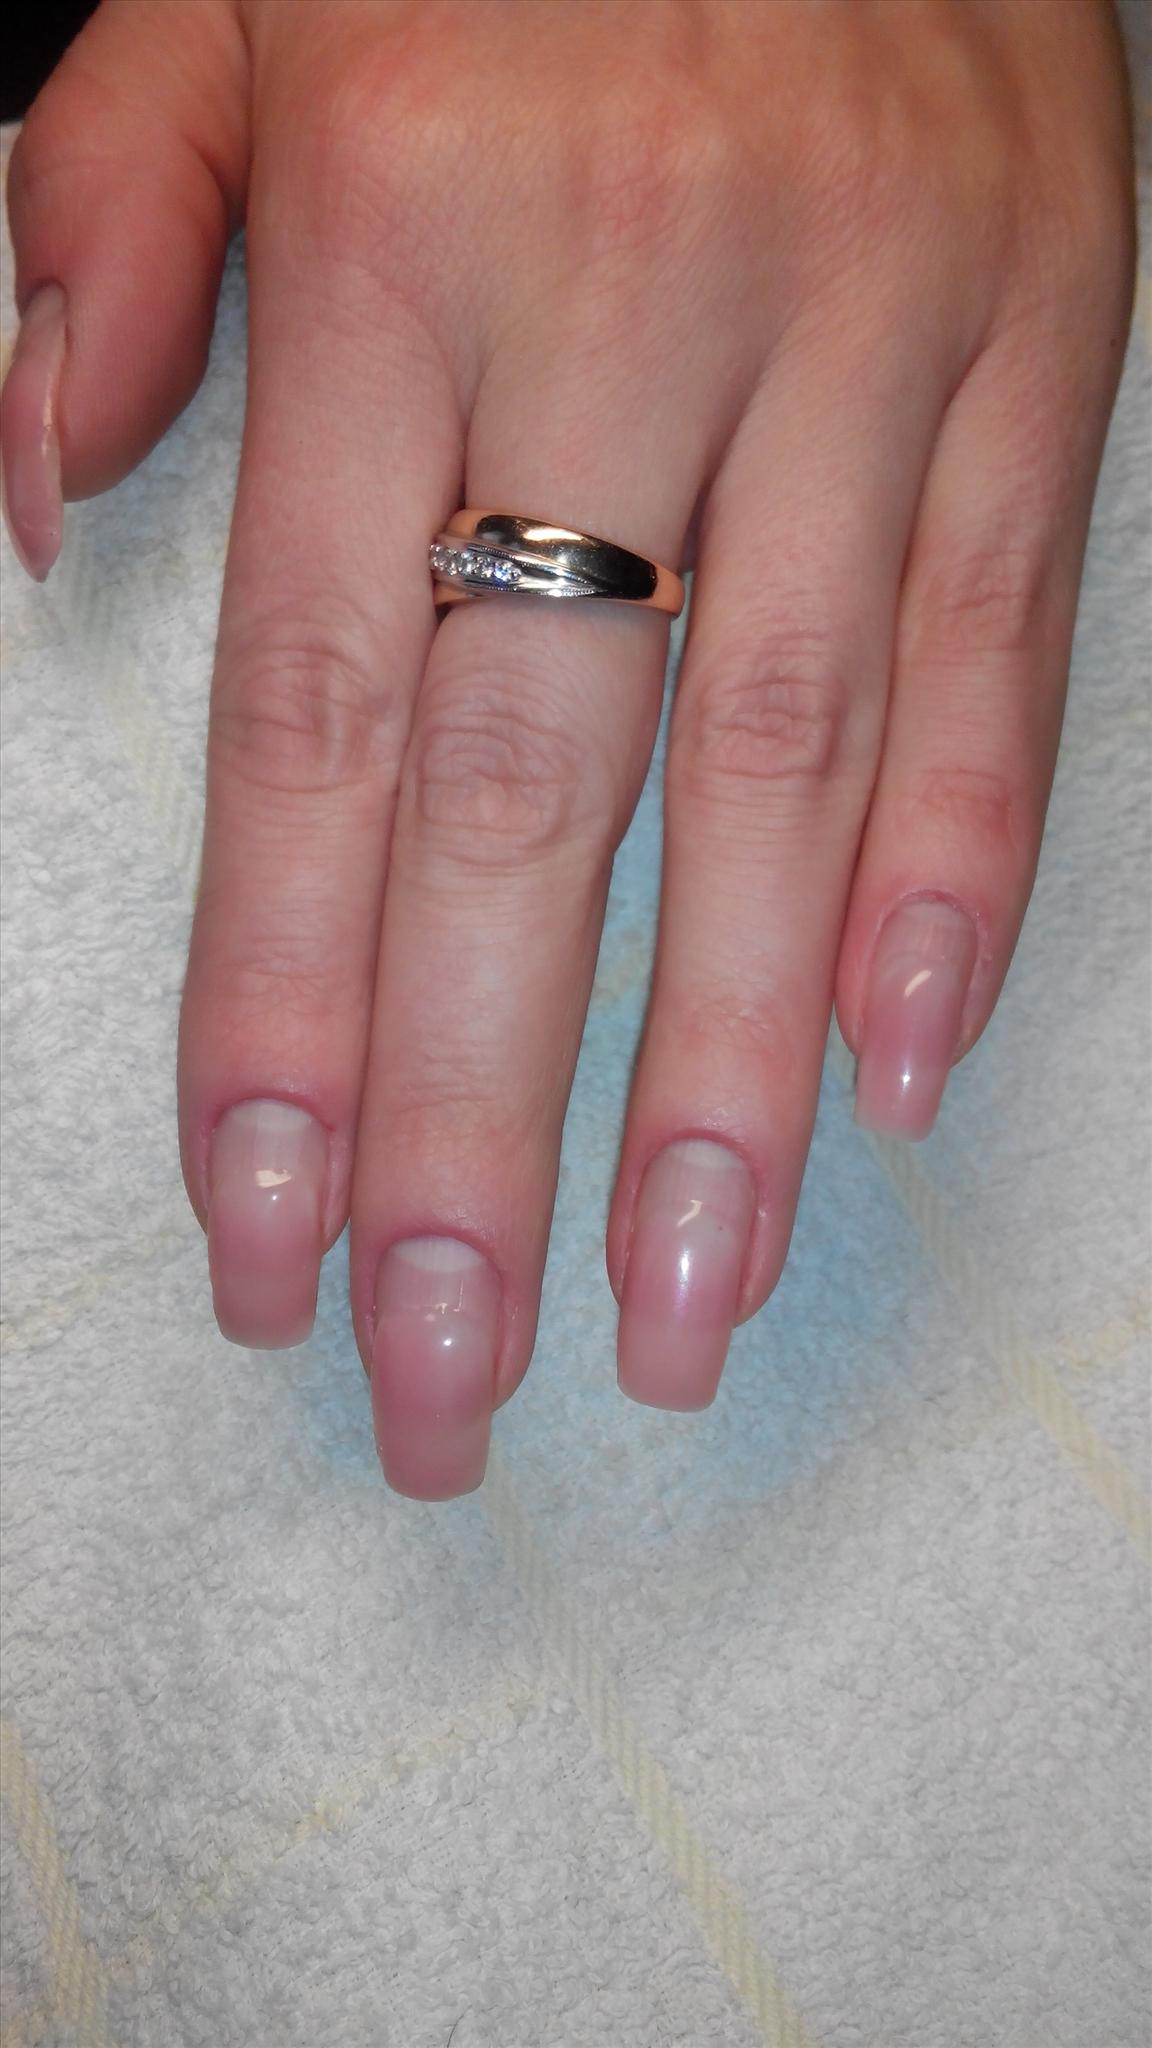 Наращивание ногтей - типсы или формы, что лучше?